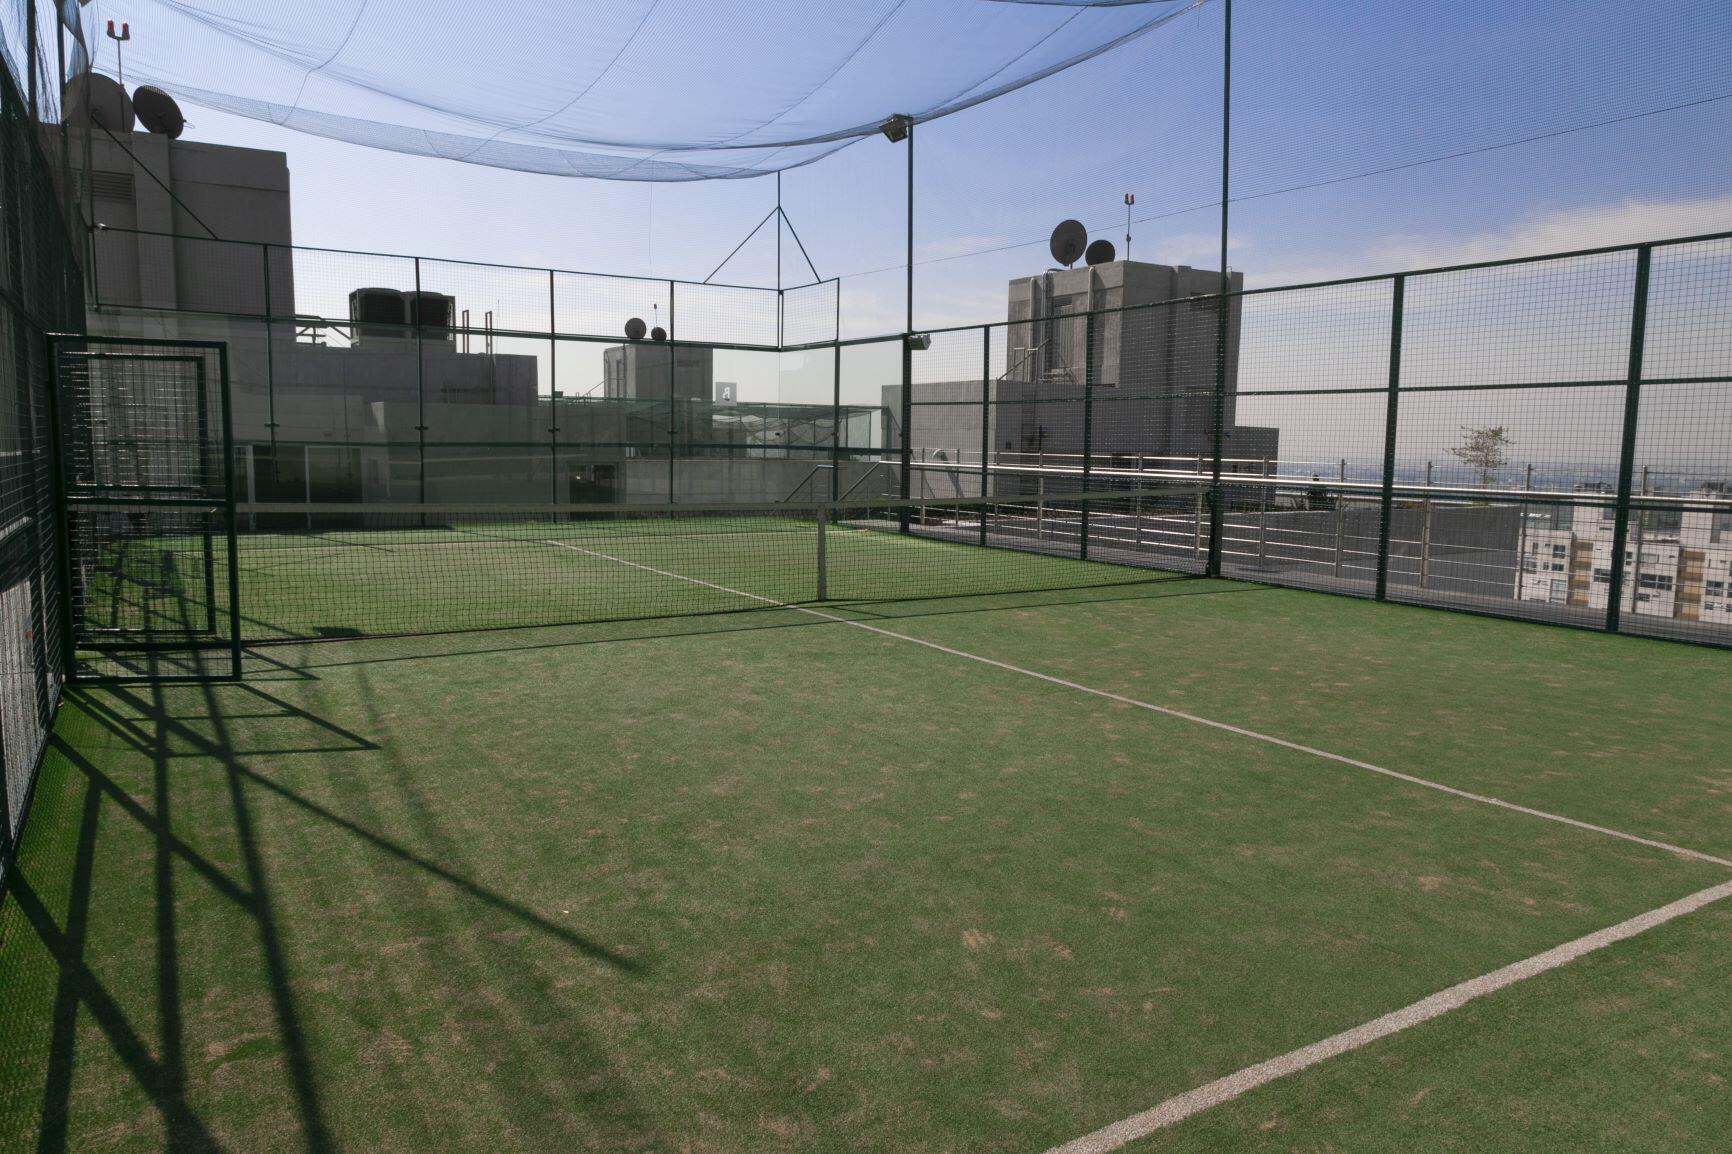 Departamento en venta en City Towers Park Grand, Colonia Xoco, Benito Juárez, CDMX. Cancha de Padel.